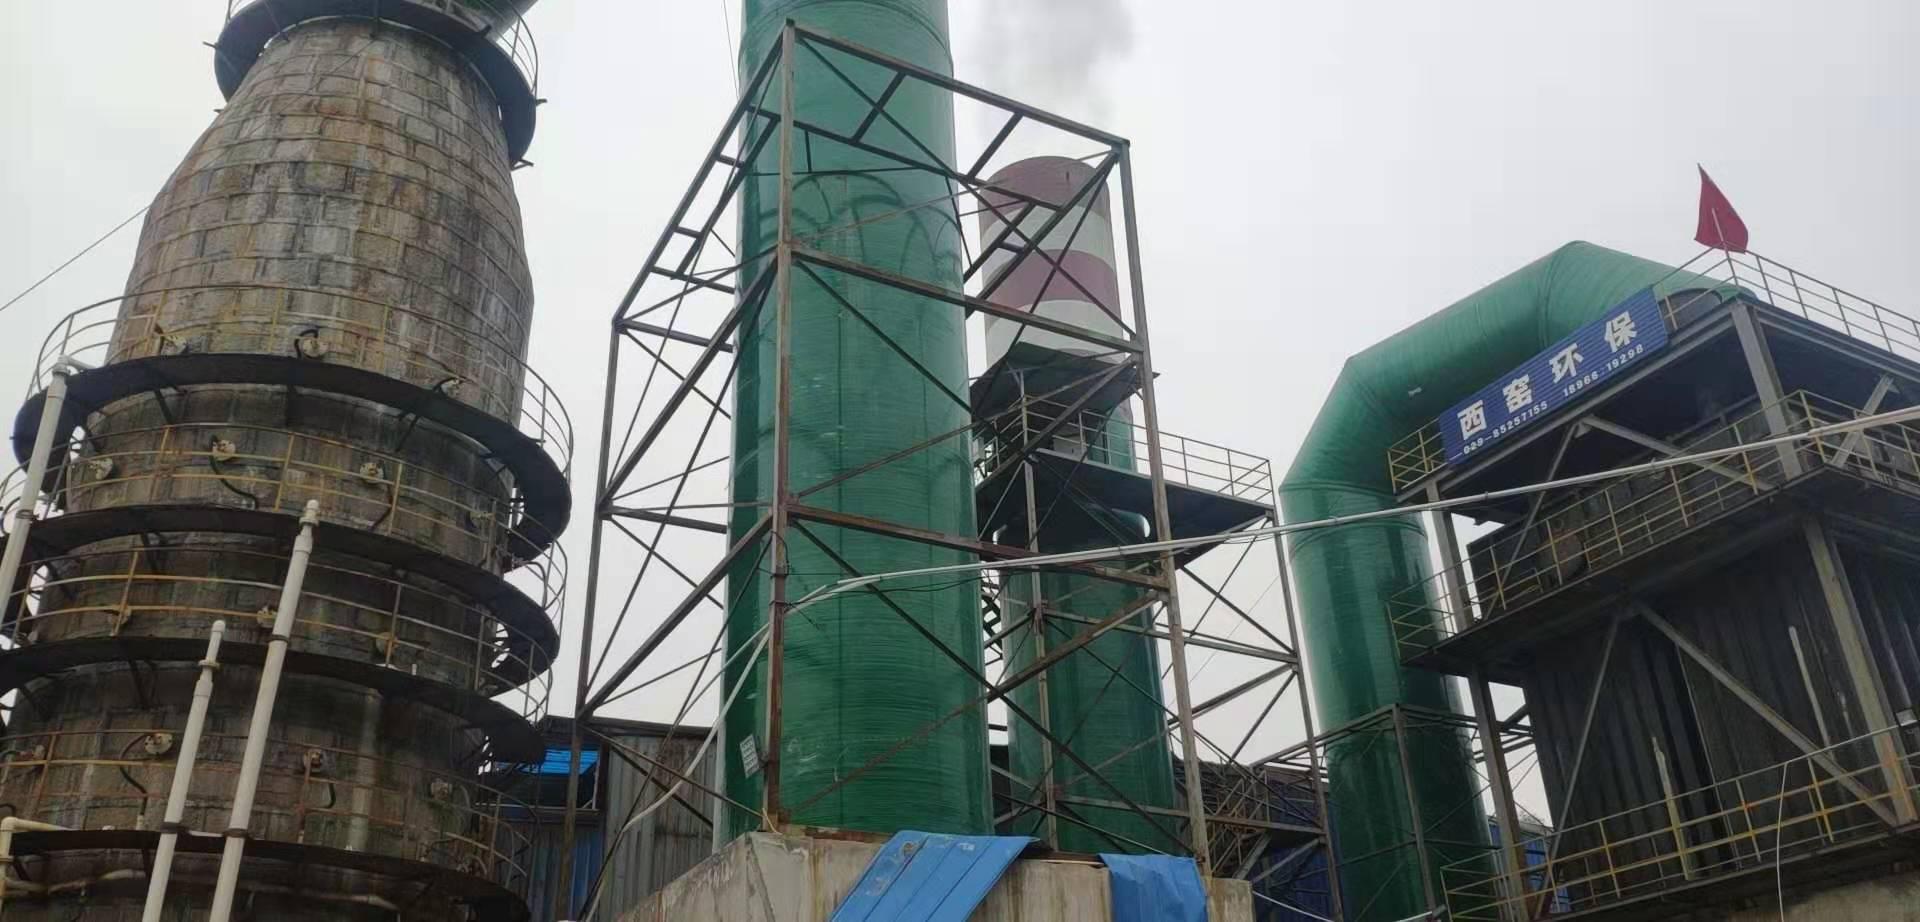 昱鹏环保科技为您分享:关于污水处理技术中使用液氯瓶时的注意事项有哪些?